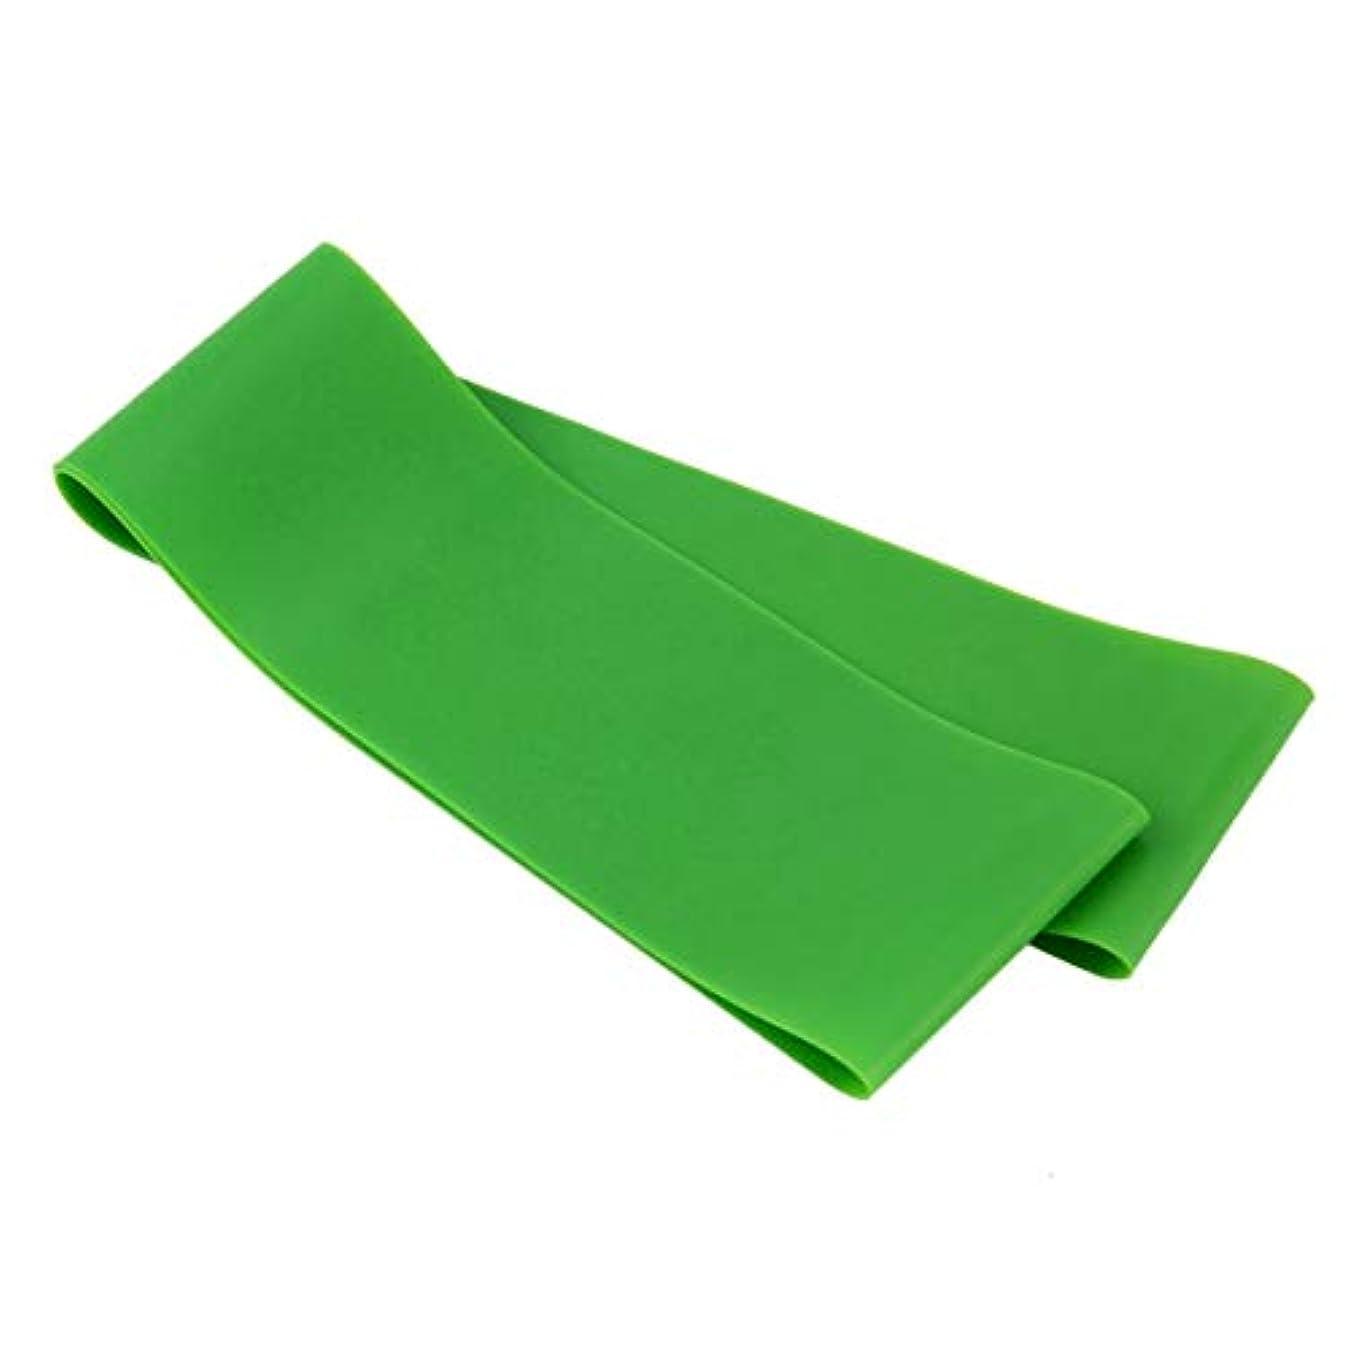 と遊ぶ二解明する滑り止め伸縮性ゴム弾性ヨガベルトバンドプルロープ張力抵抗バンドループ強度のためのフィットネスヨガツール - グリーン